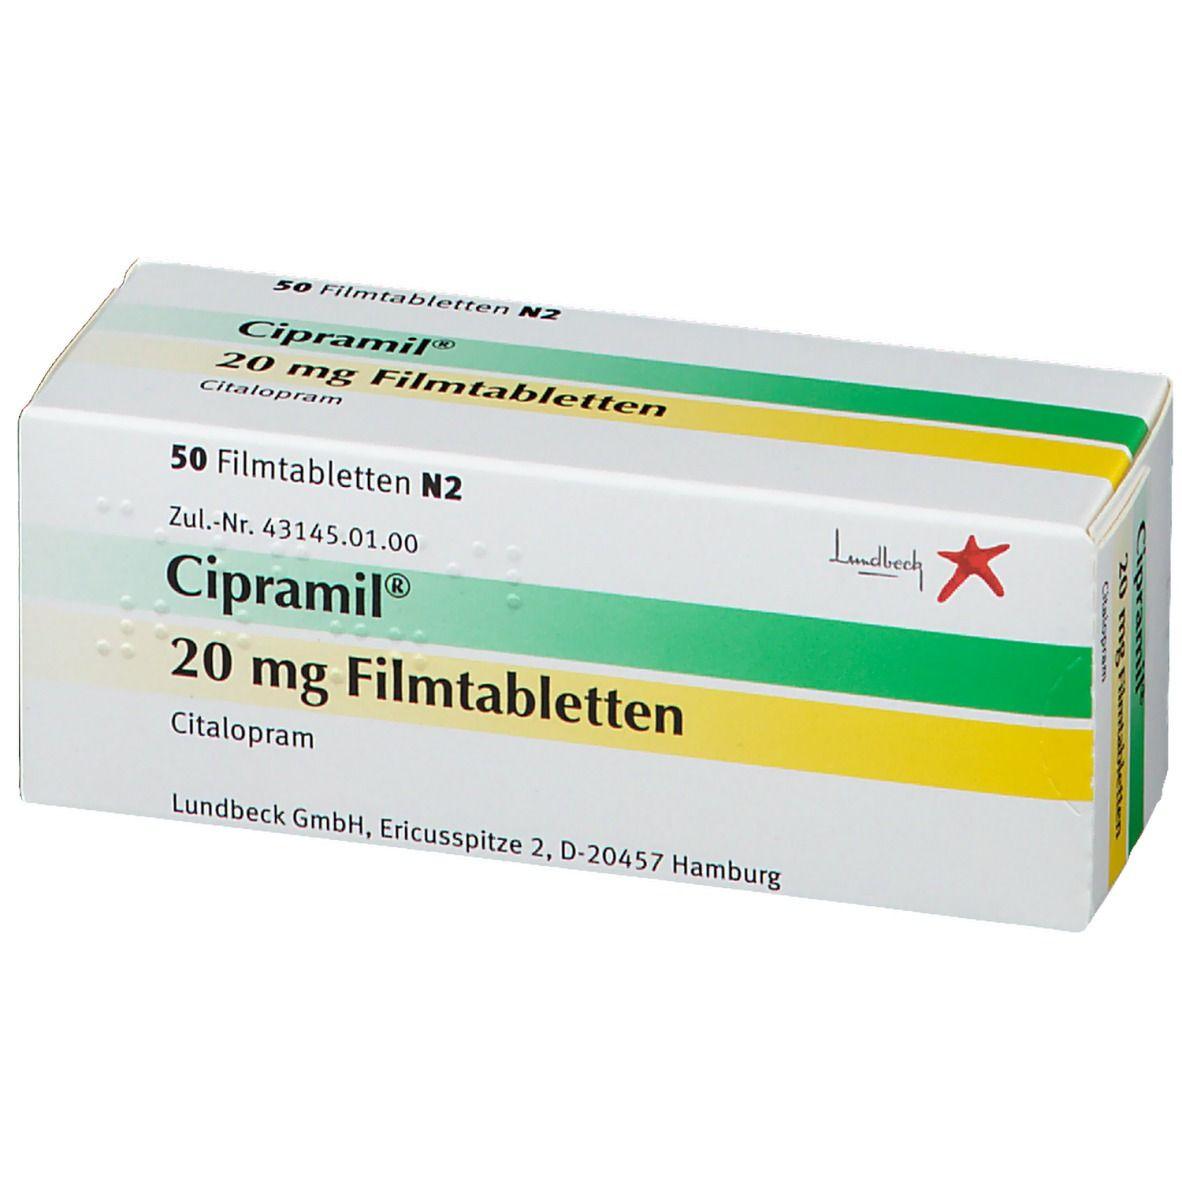 Cipramil 20 mg Filmtabletten